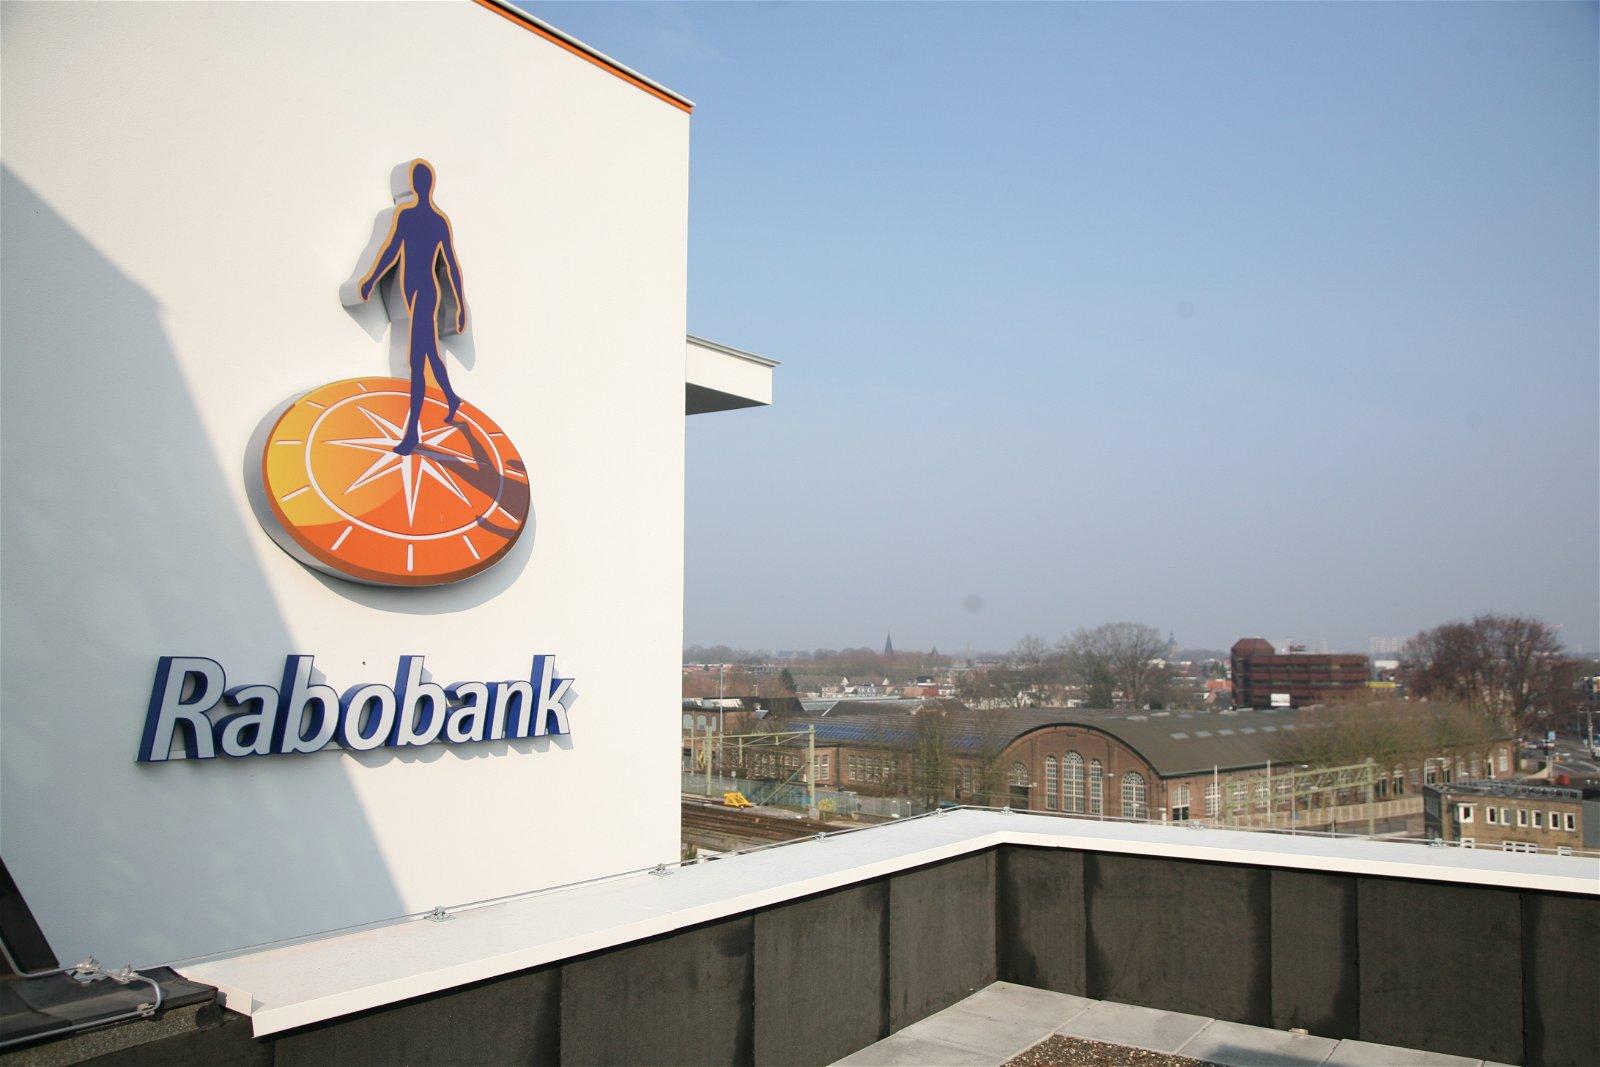 Dak van de Rabobank Tilburg in samenwerking met Hoppenbrouwers Techniek